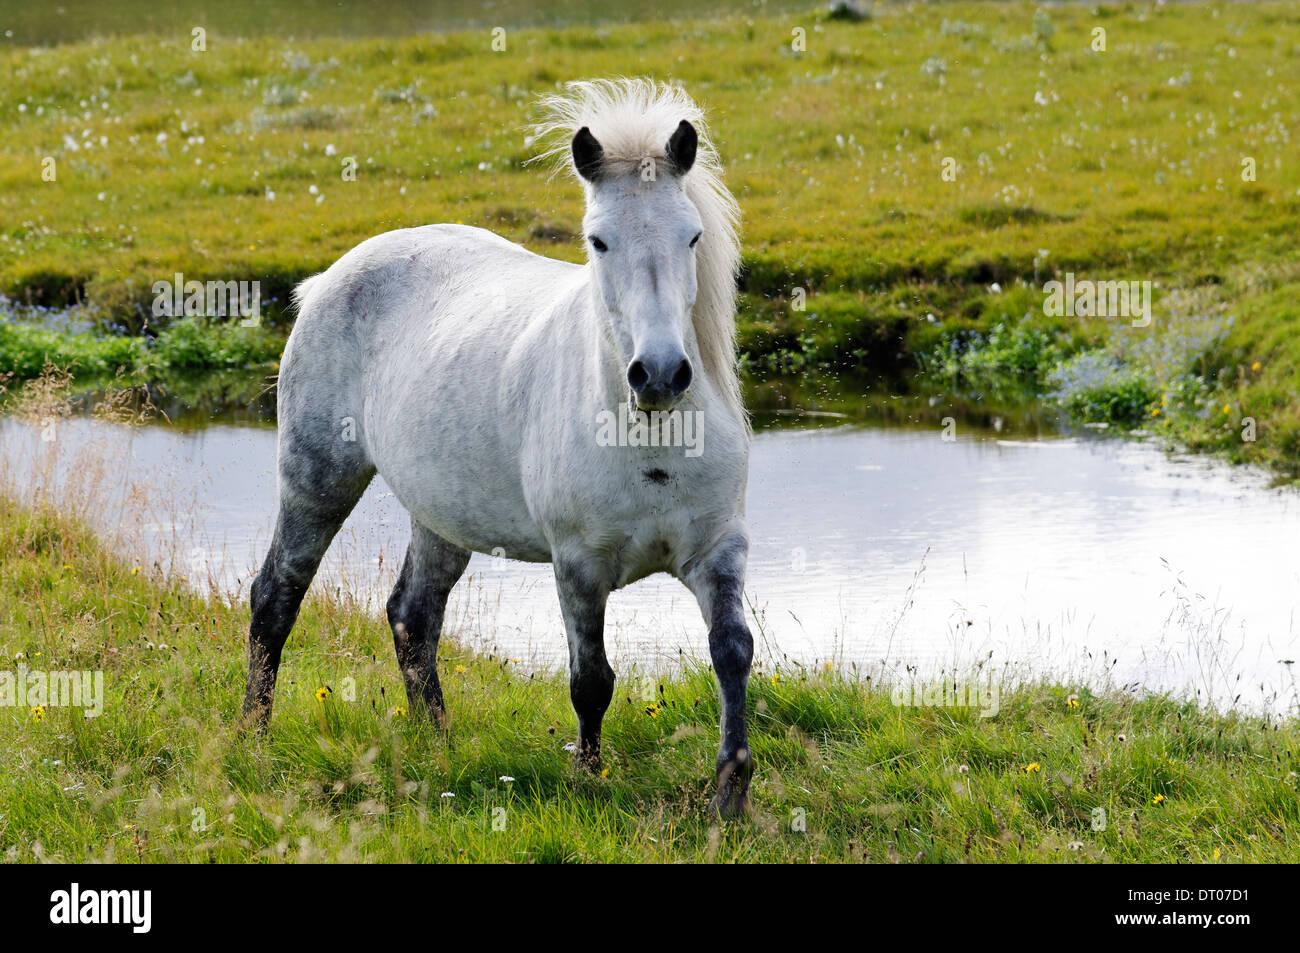 Equus ferus caballus, Icelandic horse, Iceland - Stock Image